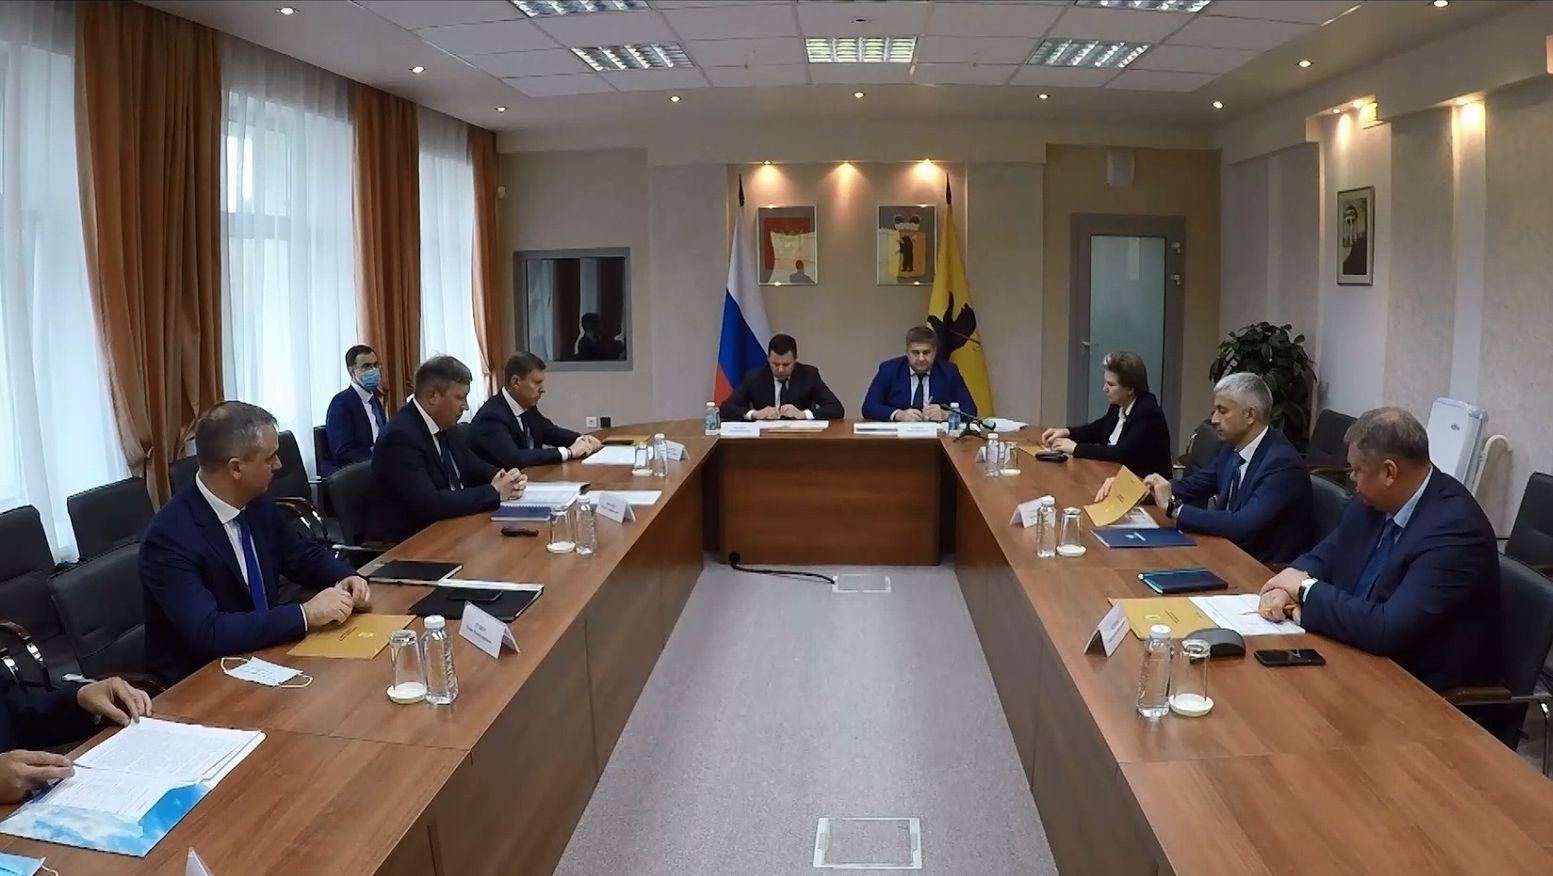 Ярославль с рабочим визитом посетил руководитель Федерального дорожного агентства Роман Новиков